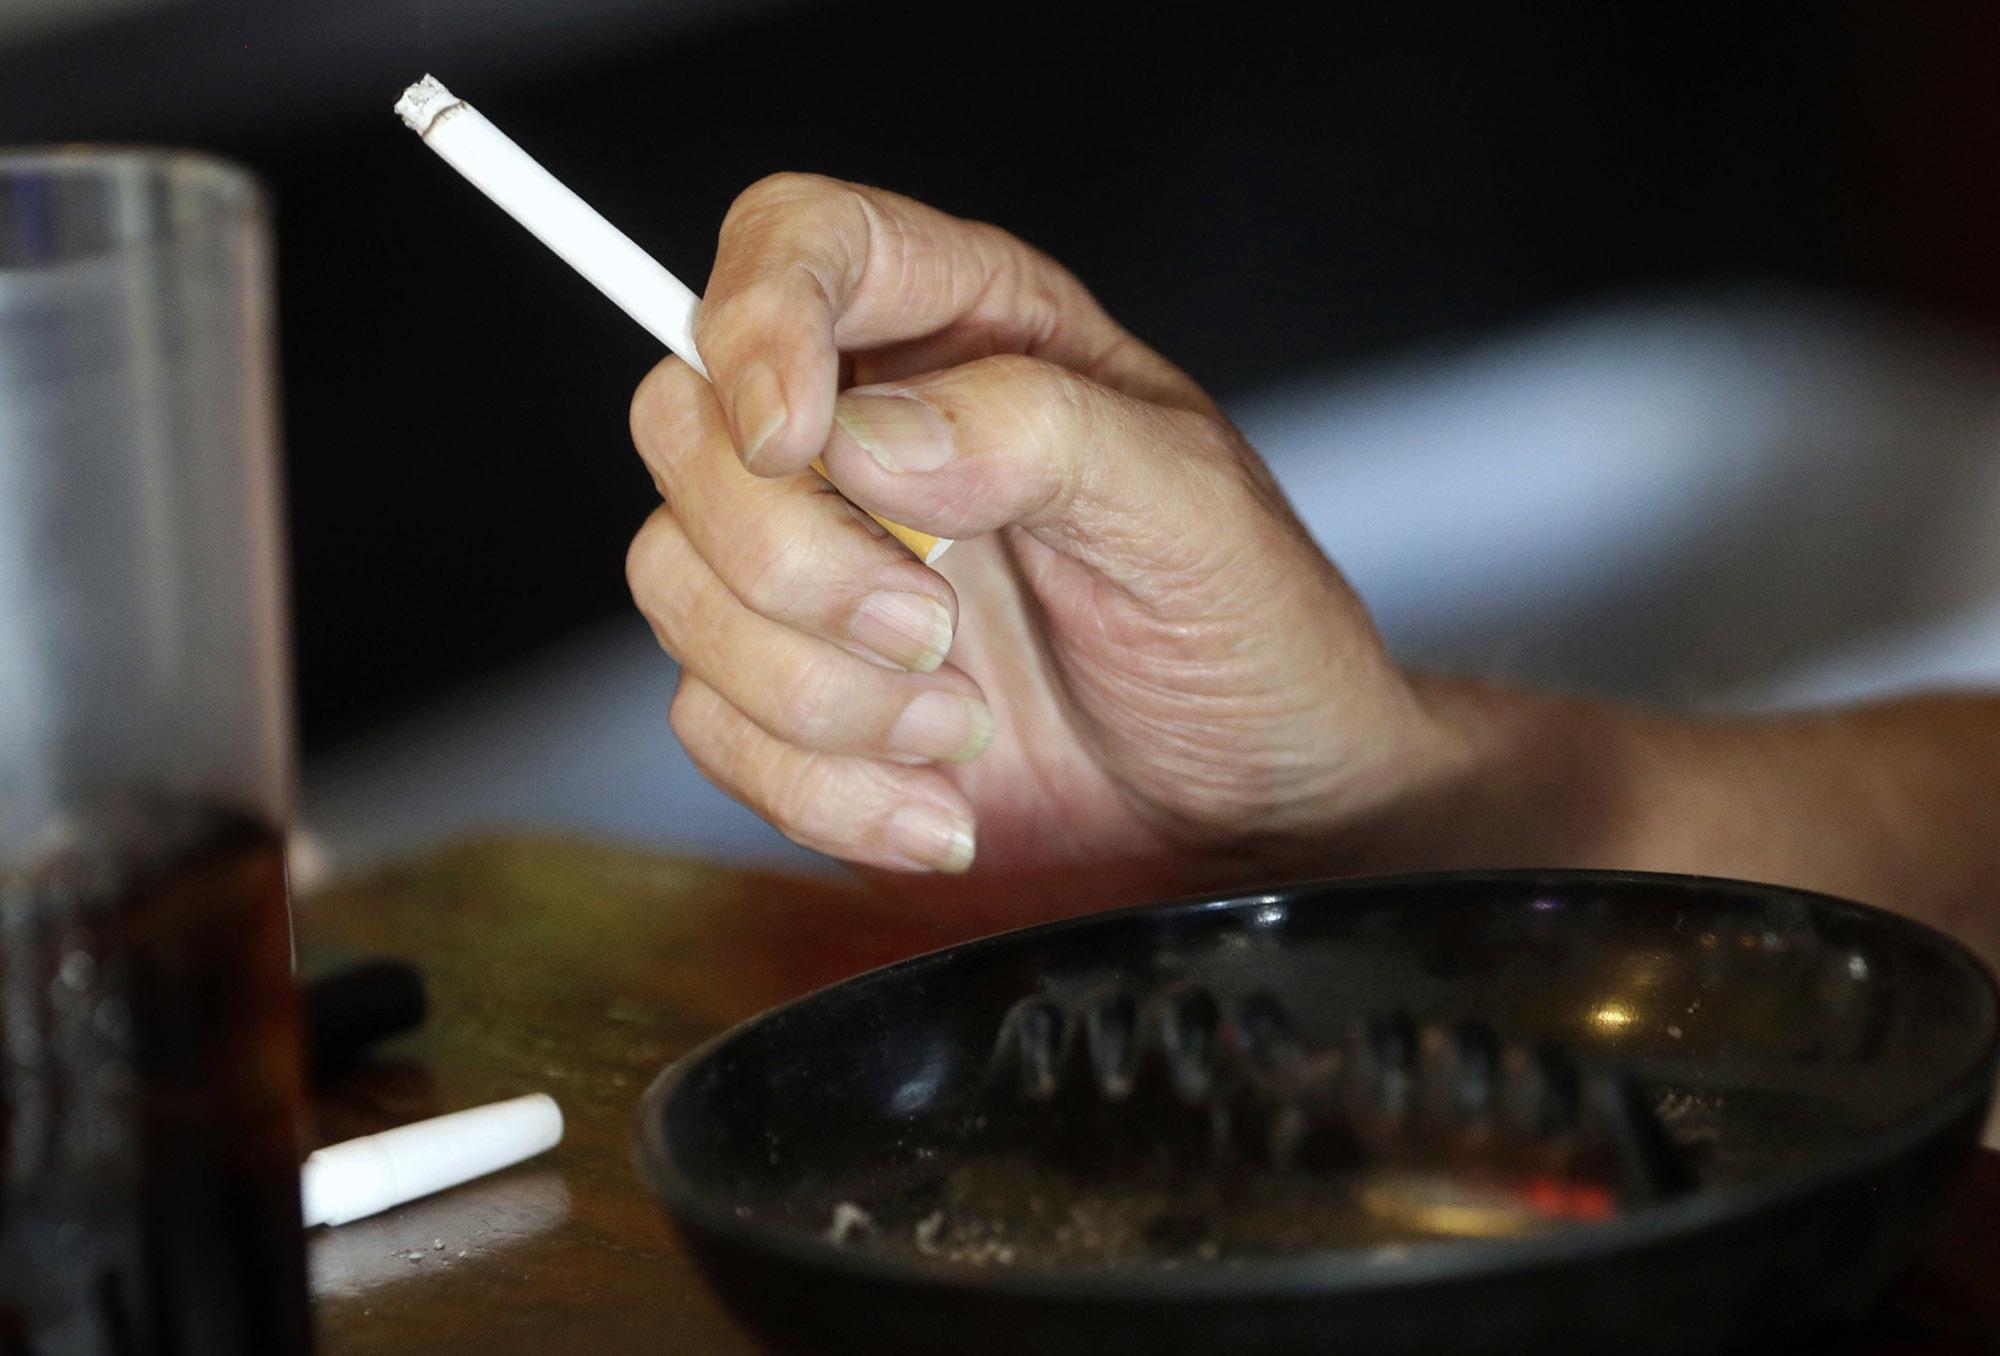 smoking-cigs